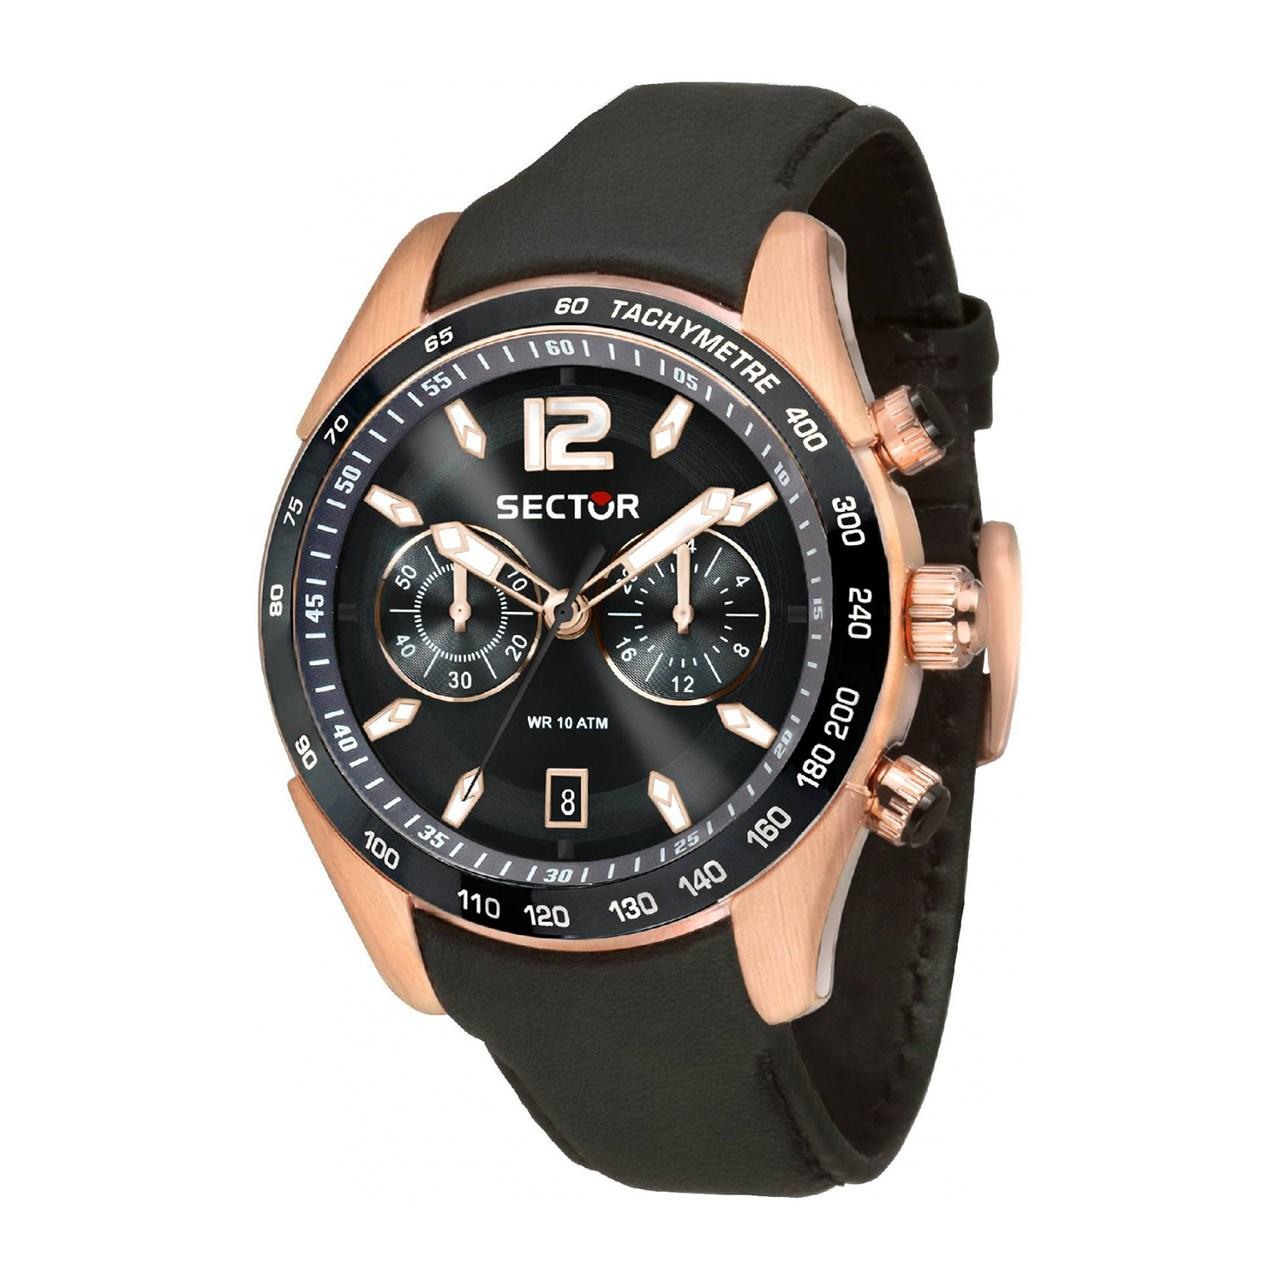 ساعت مچی عقربه ای مردانه  سکتور مدل 330-3271794003